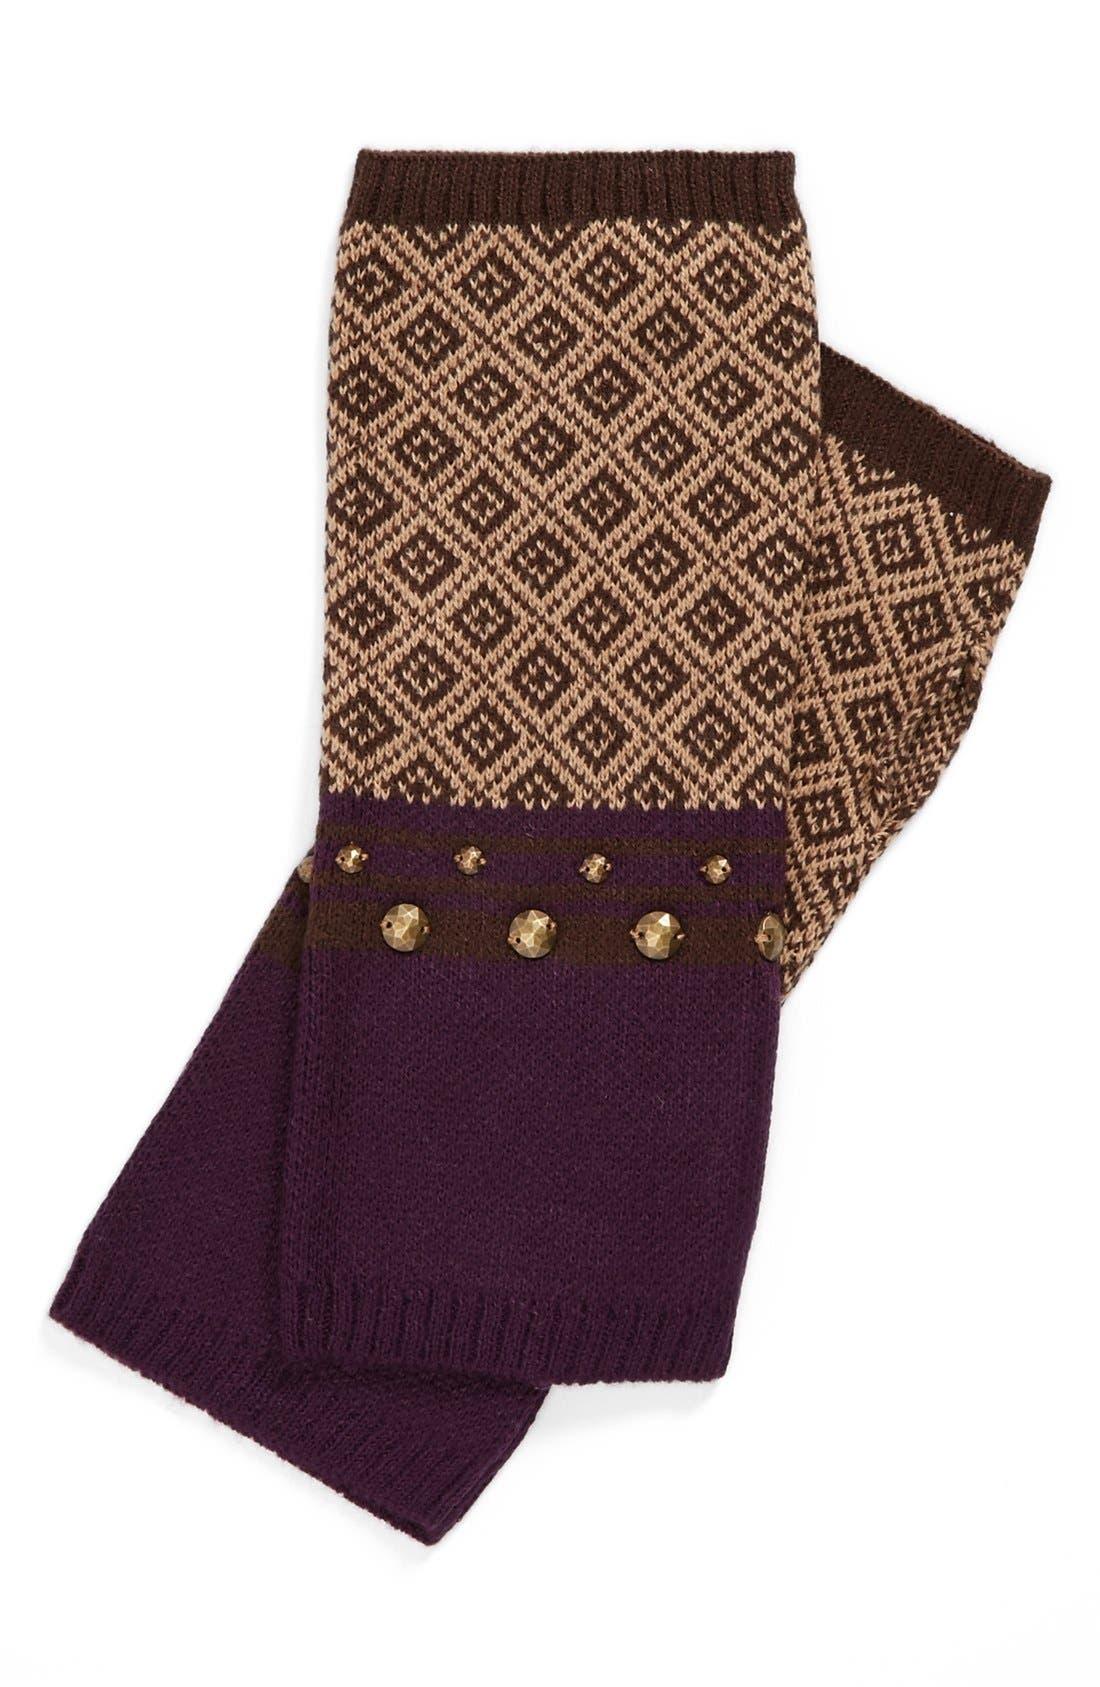 Alternate Image 1 Selected - Echo 'Geo' Studded Fingerless Gloves